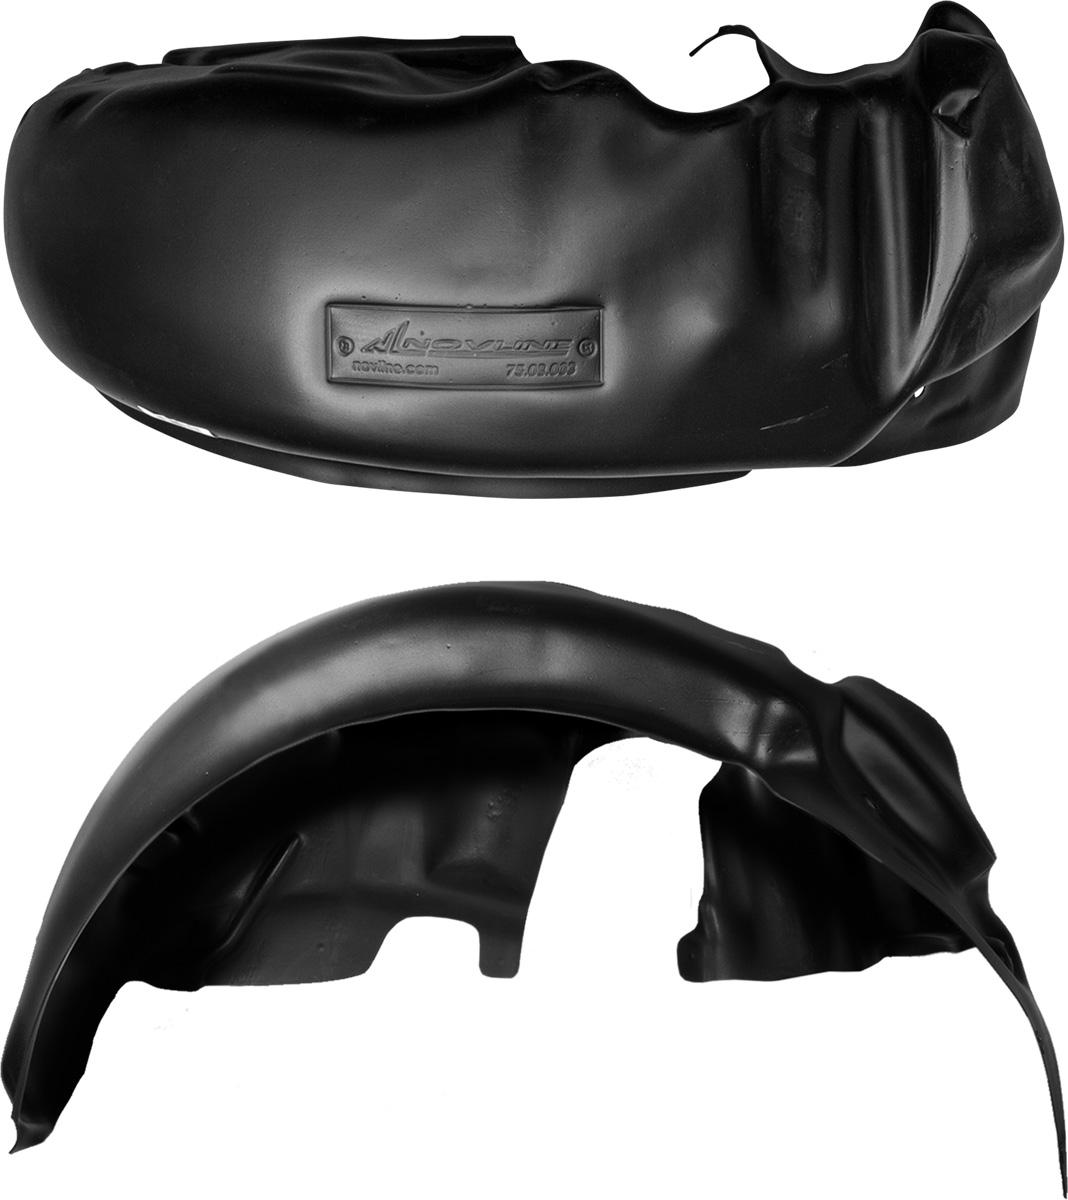 Подкрылок Novline-Autofamily, для Geely Emgrand EC7, 2011->, передний правыйSVC-300Колесные ниши - одни из самых уязвимых зон днища вашего автомобиля. Они постоянно подвергаются воздействию со стороны дороги. Лучшая, почти абсолютная защита для них - специально отформованные пластиковые кожухи, которые называются подкрылками. Производятся они как для отечественных моделей автомобилей, так и для иномарок. Подкрылки Novline-Autofamily выполнены из высококачественного, экологически чистого пластика. Обеспечивают надежную защиту кузова автомобиля от пескоструйного эффекта и негативного влияния, агрессивных антигололедных реагентов. Пластик обладает более низкой теплопроводностью, чем металл, поэтому в зимний период эксплуатации использование пластиковых подкрылков позволяет лучше защитить колесные ниши от налипания снега и образования наледи. Оригинальность конструкции подчеркивает элегантность автомобиля, бережно защищает нанесенное на днище кузова антикоррозийное покрытие и позволяет осуществить крепление подкрылков внутри колесной арки практически без дополнительного крепежа и сверления, не нарушая при этом лакокрасочного покрытия, что предотвращает возникновение новых очагов коррозии. Подкрылки долговечны, обладают высокой прочностью и сохраняют заданную форму, а также все свои физико-механические характеристики в самых тяжелых климатических условиях (от -50°С до +50°С).Уважаемые клиенты!Обращаем ваше внимание, на тот факт, что подкрылок имеет форму, соответствующую модели данного автомобиля. Фото служит для визуального восприятия товара.